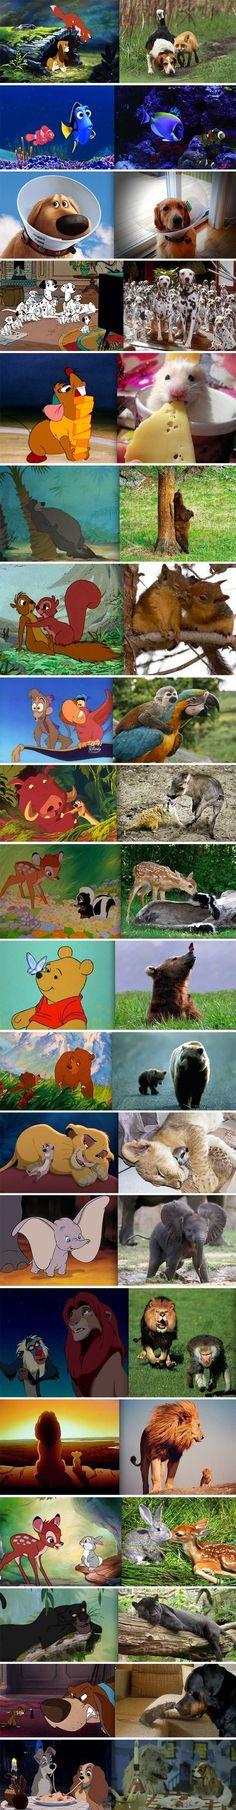 Animals Vs Realithy